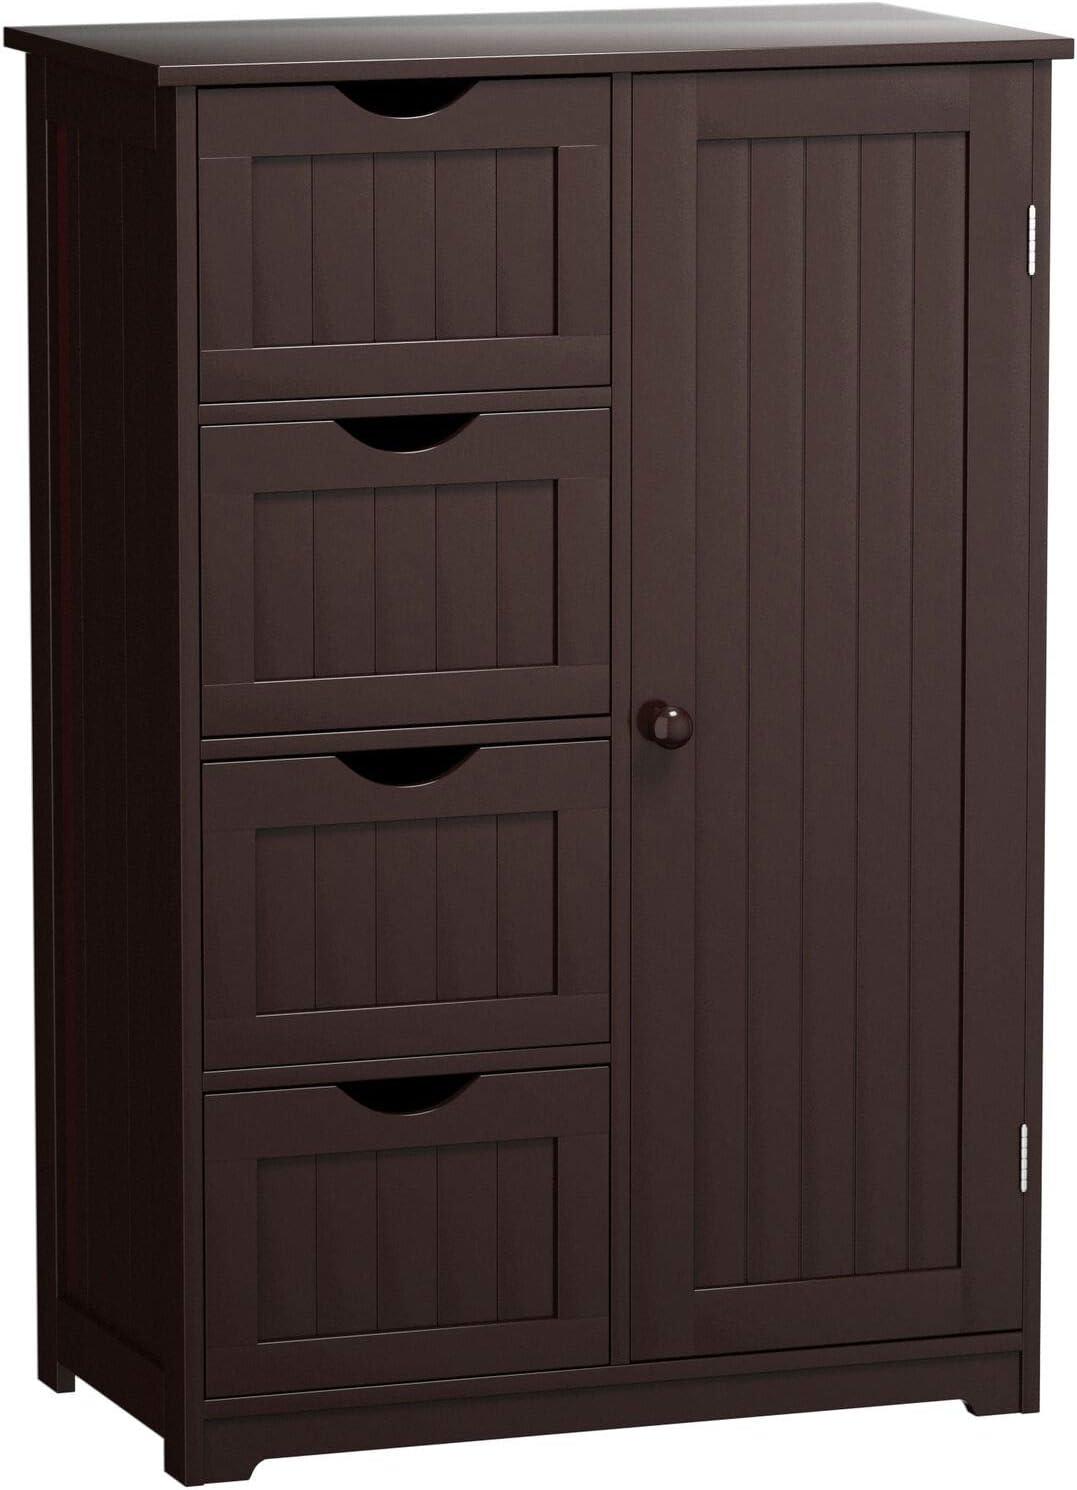 Giantex Bathroom Floor Cabinet Wooden with 1 Door & 4 Drawer, Free Standing Wooden Entryway Cupboard Spacesaver Cabinet (Brown)